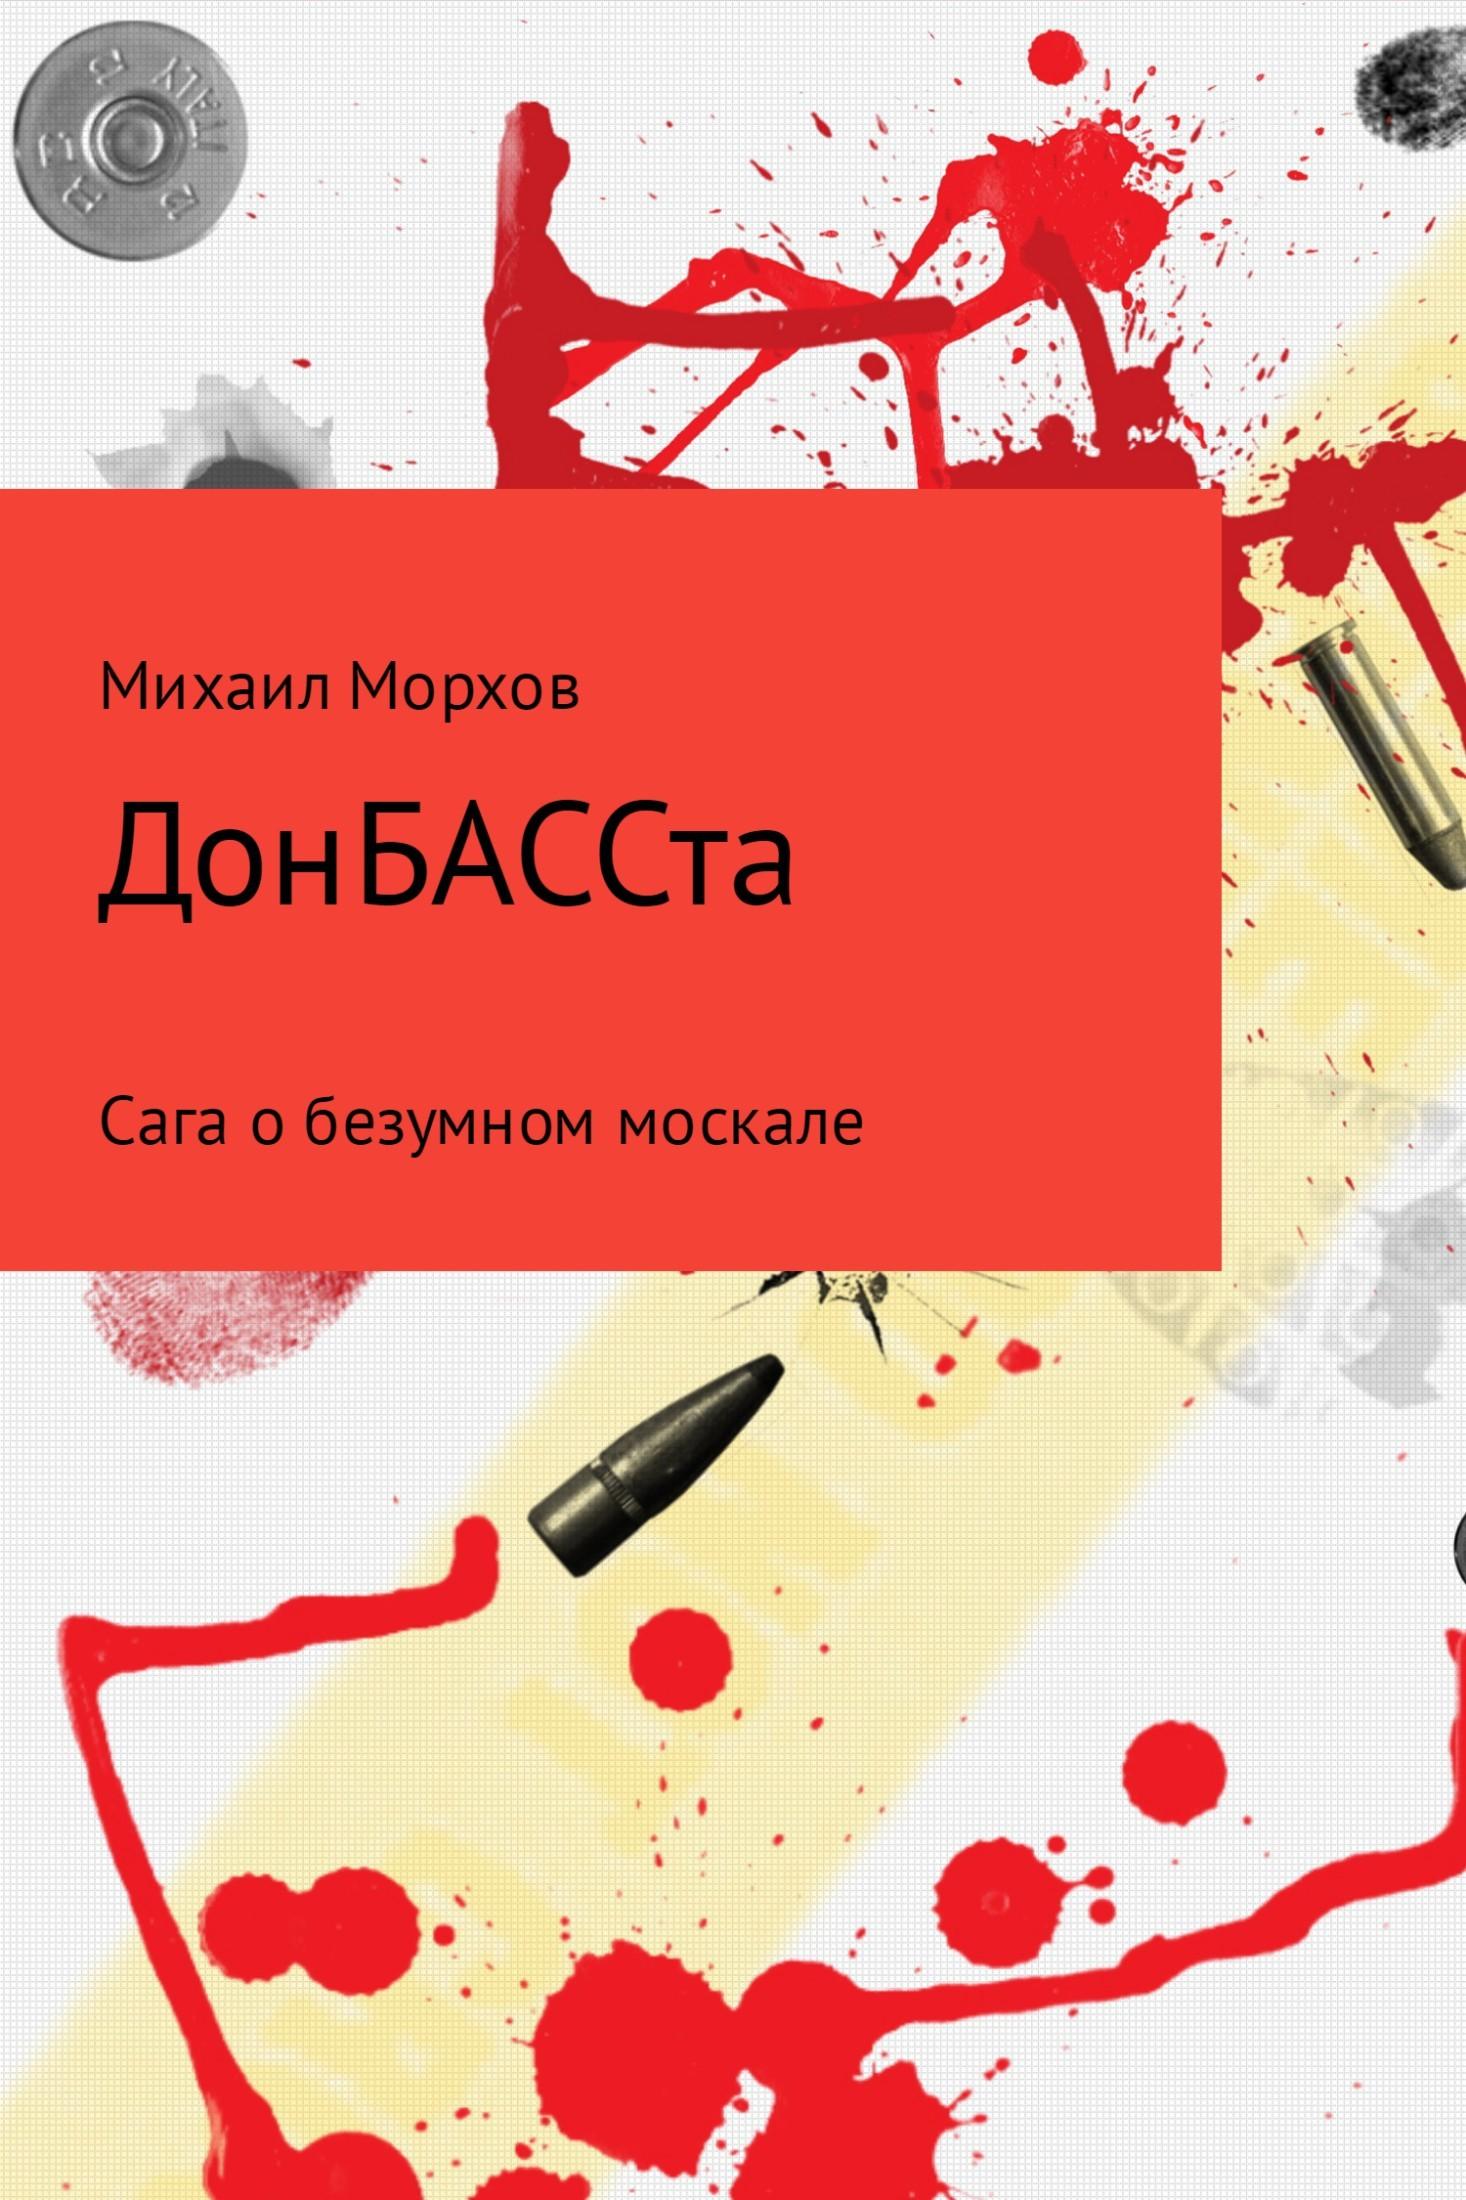 ДонБАССта